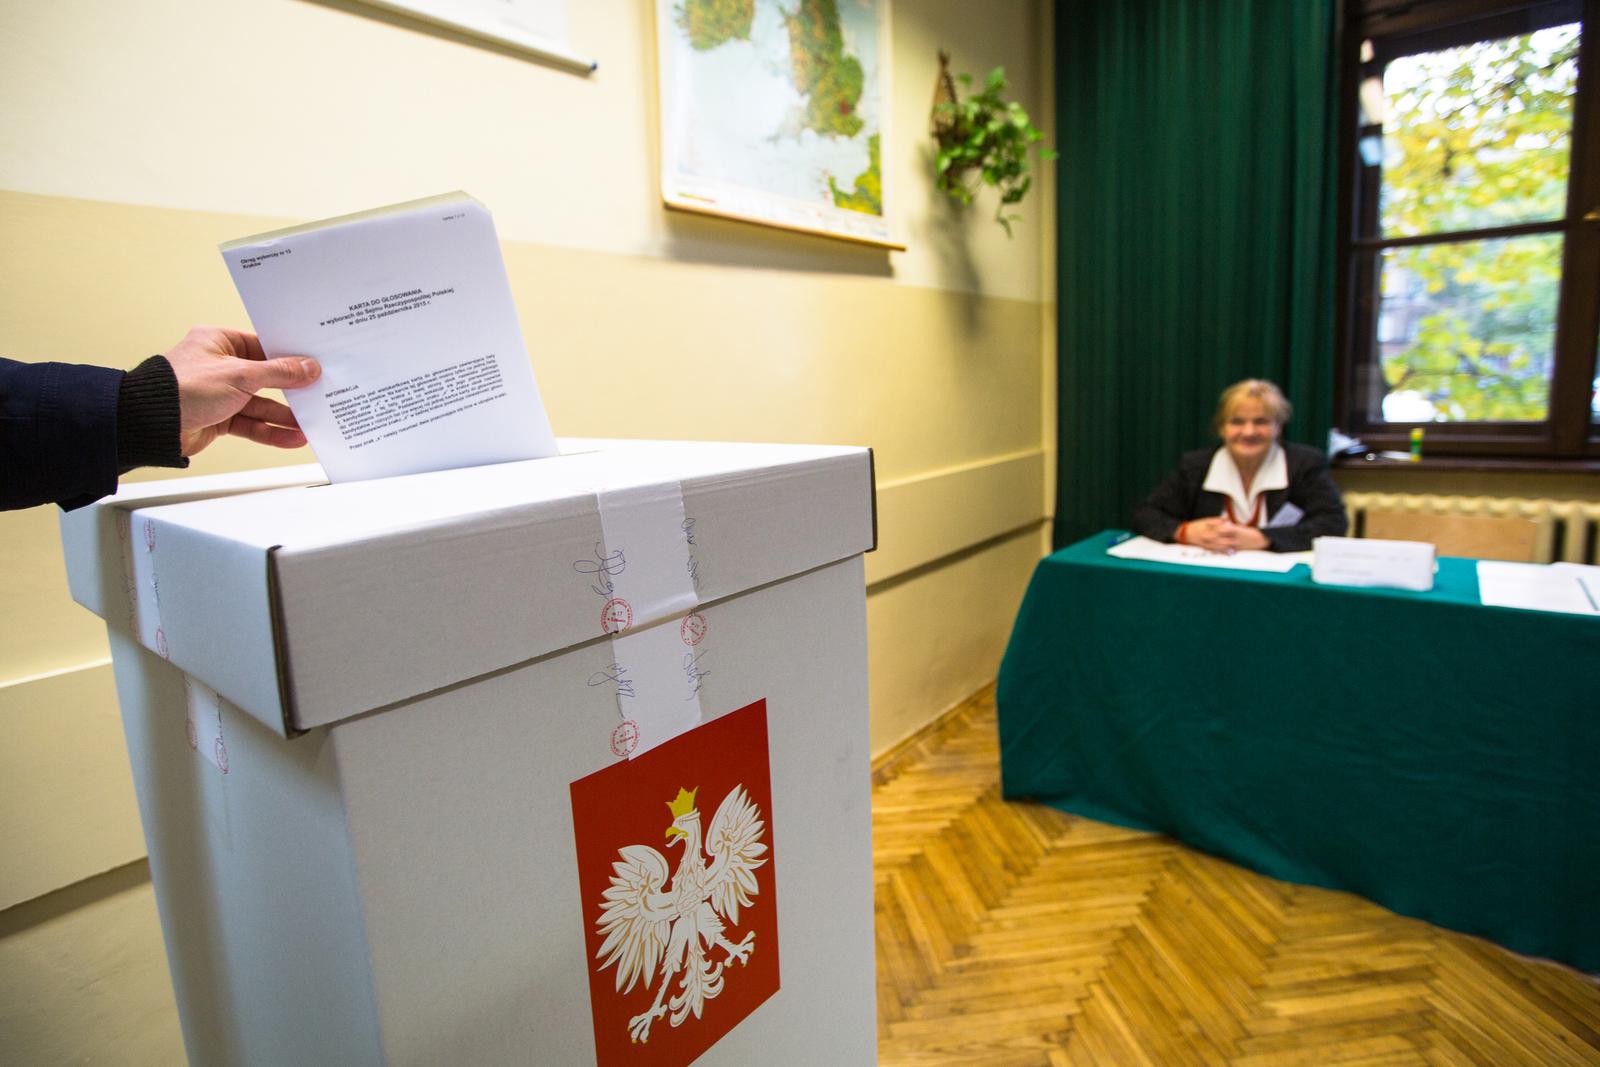 Wybory przełożone o miesiąc. Zdecydowanie za dużo zakażeń - Zdjęcie główne